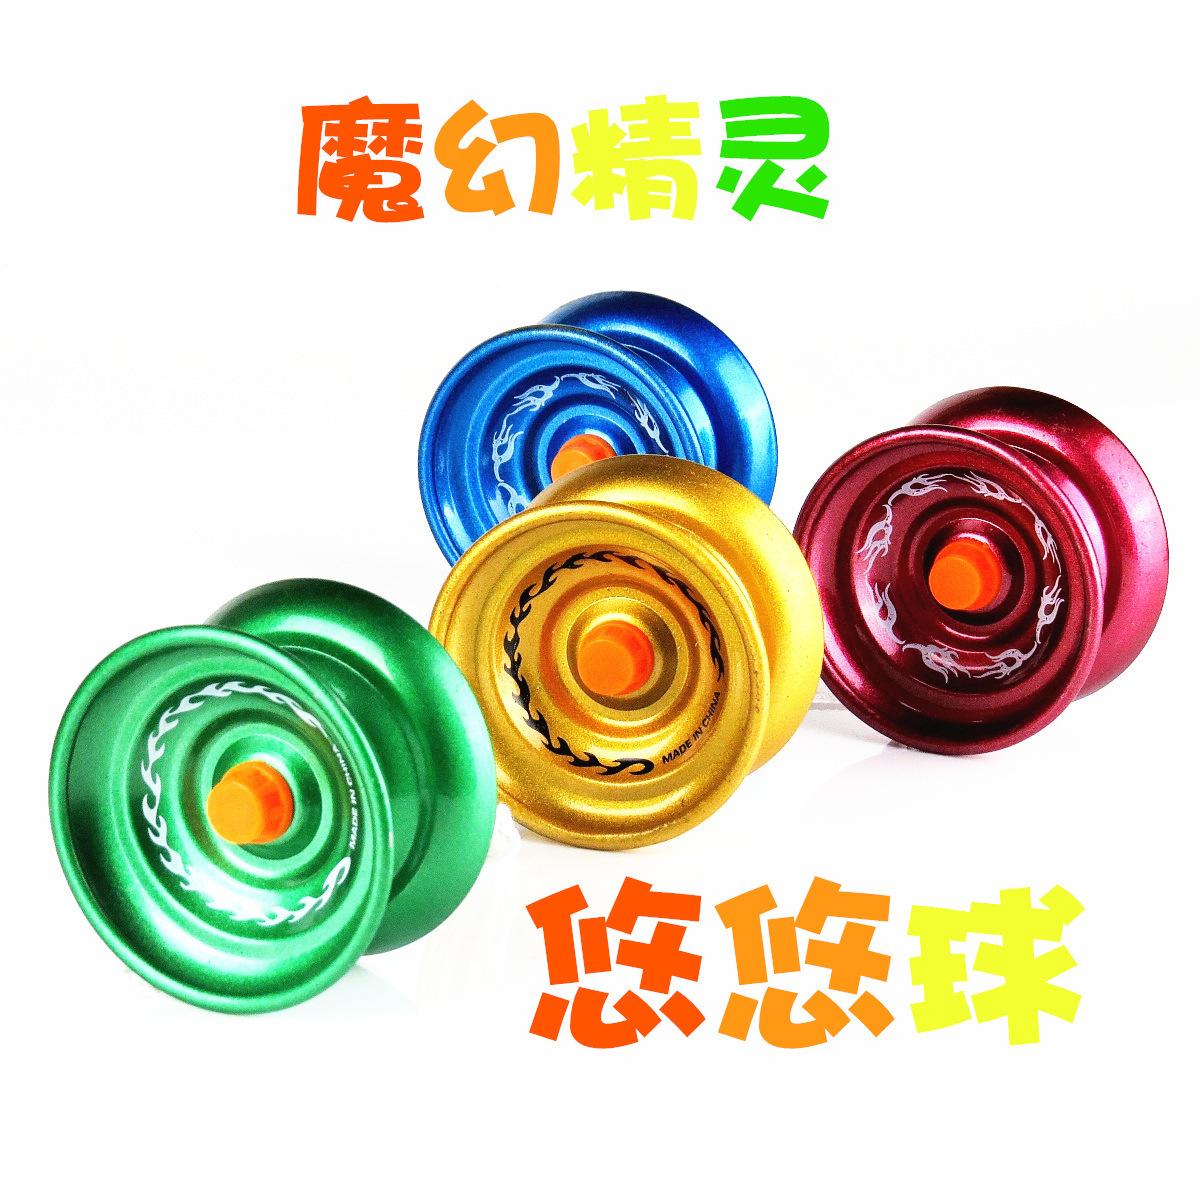 Новый год подарок головоломка ребенок сплав скольжение скольжение мяч ребенок сын ребенок yo-yo неторопливый мяч классическая игрушка